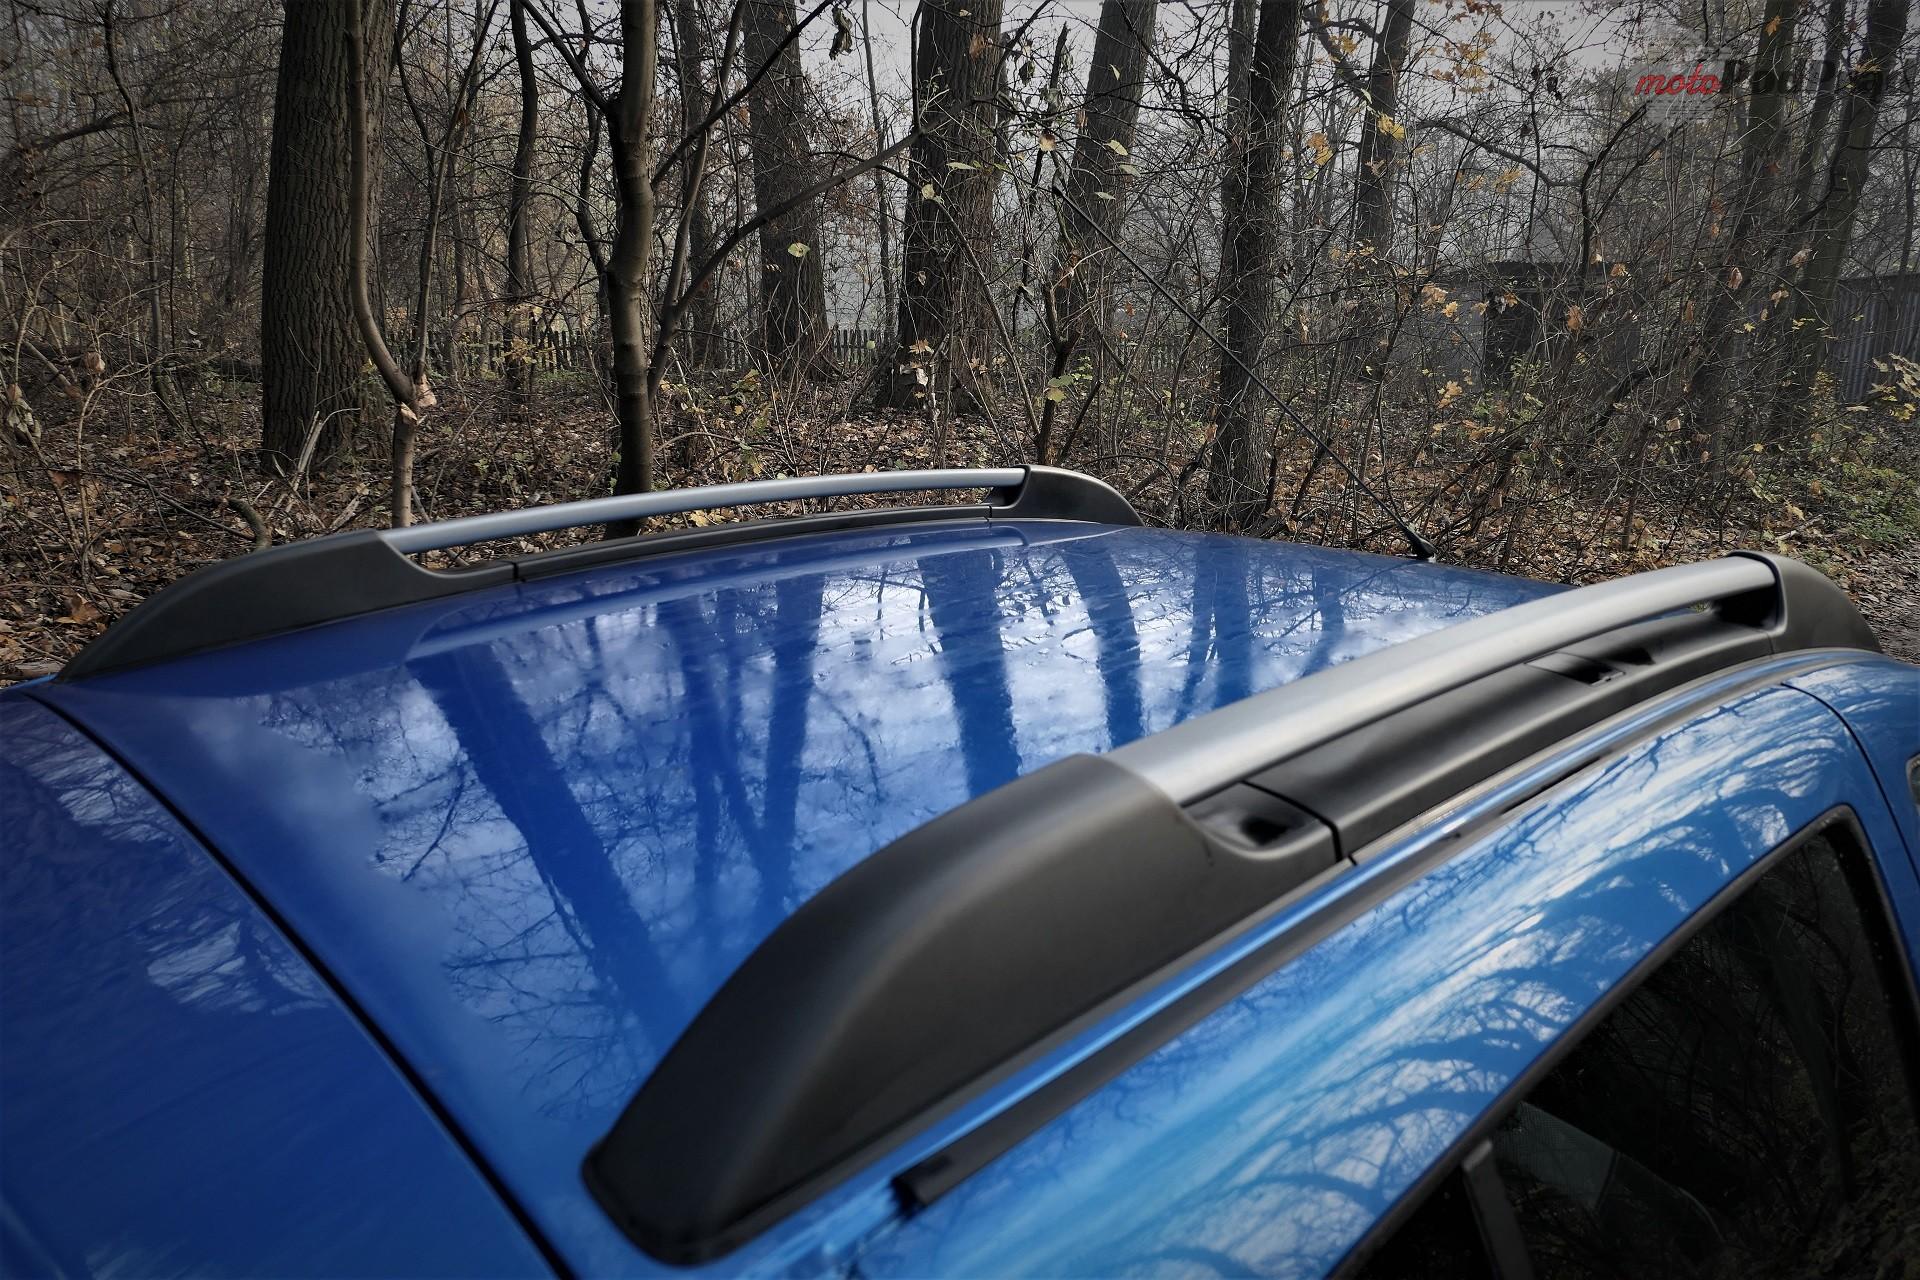 Dacia Sandero Stepway 12 Test: Dacia Sandero Stepway   w prostocie siła